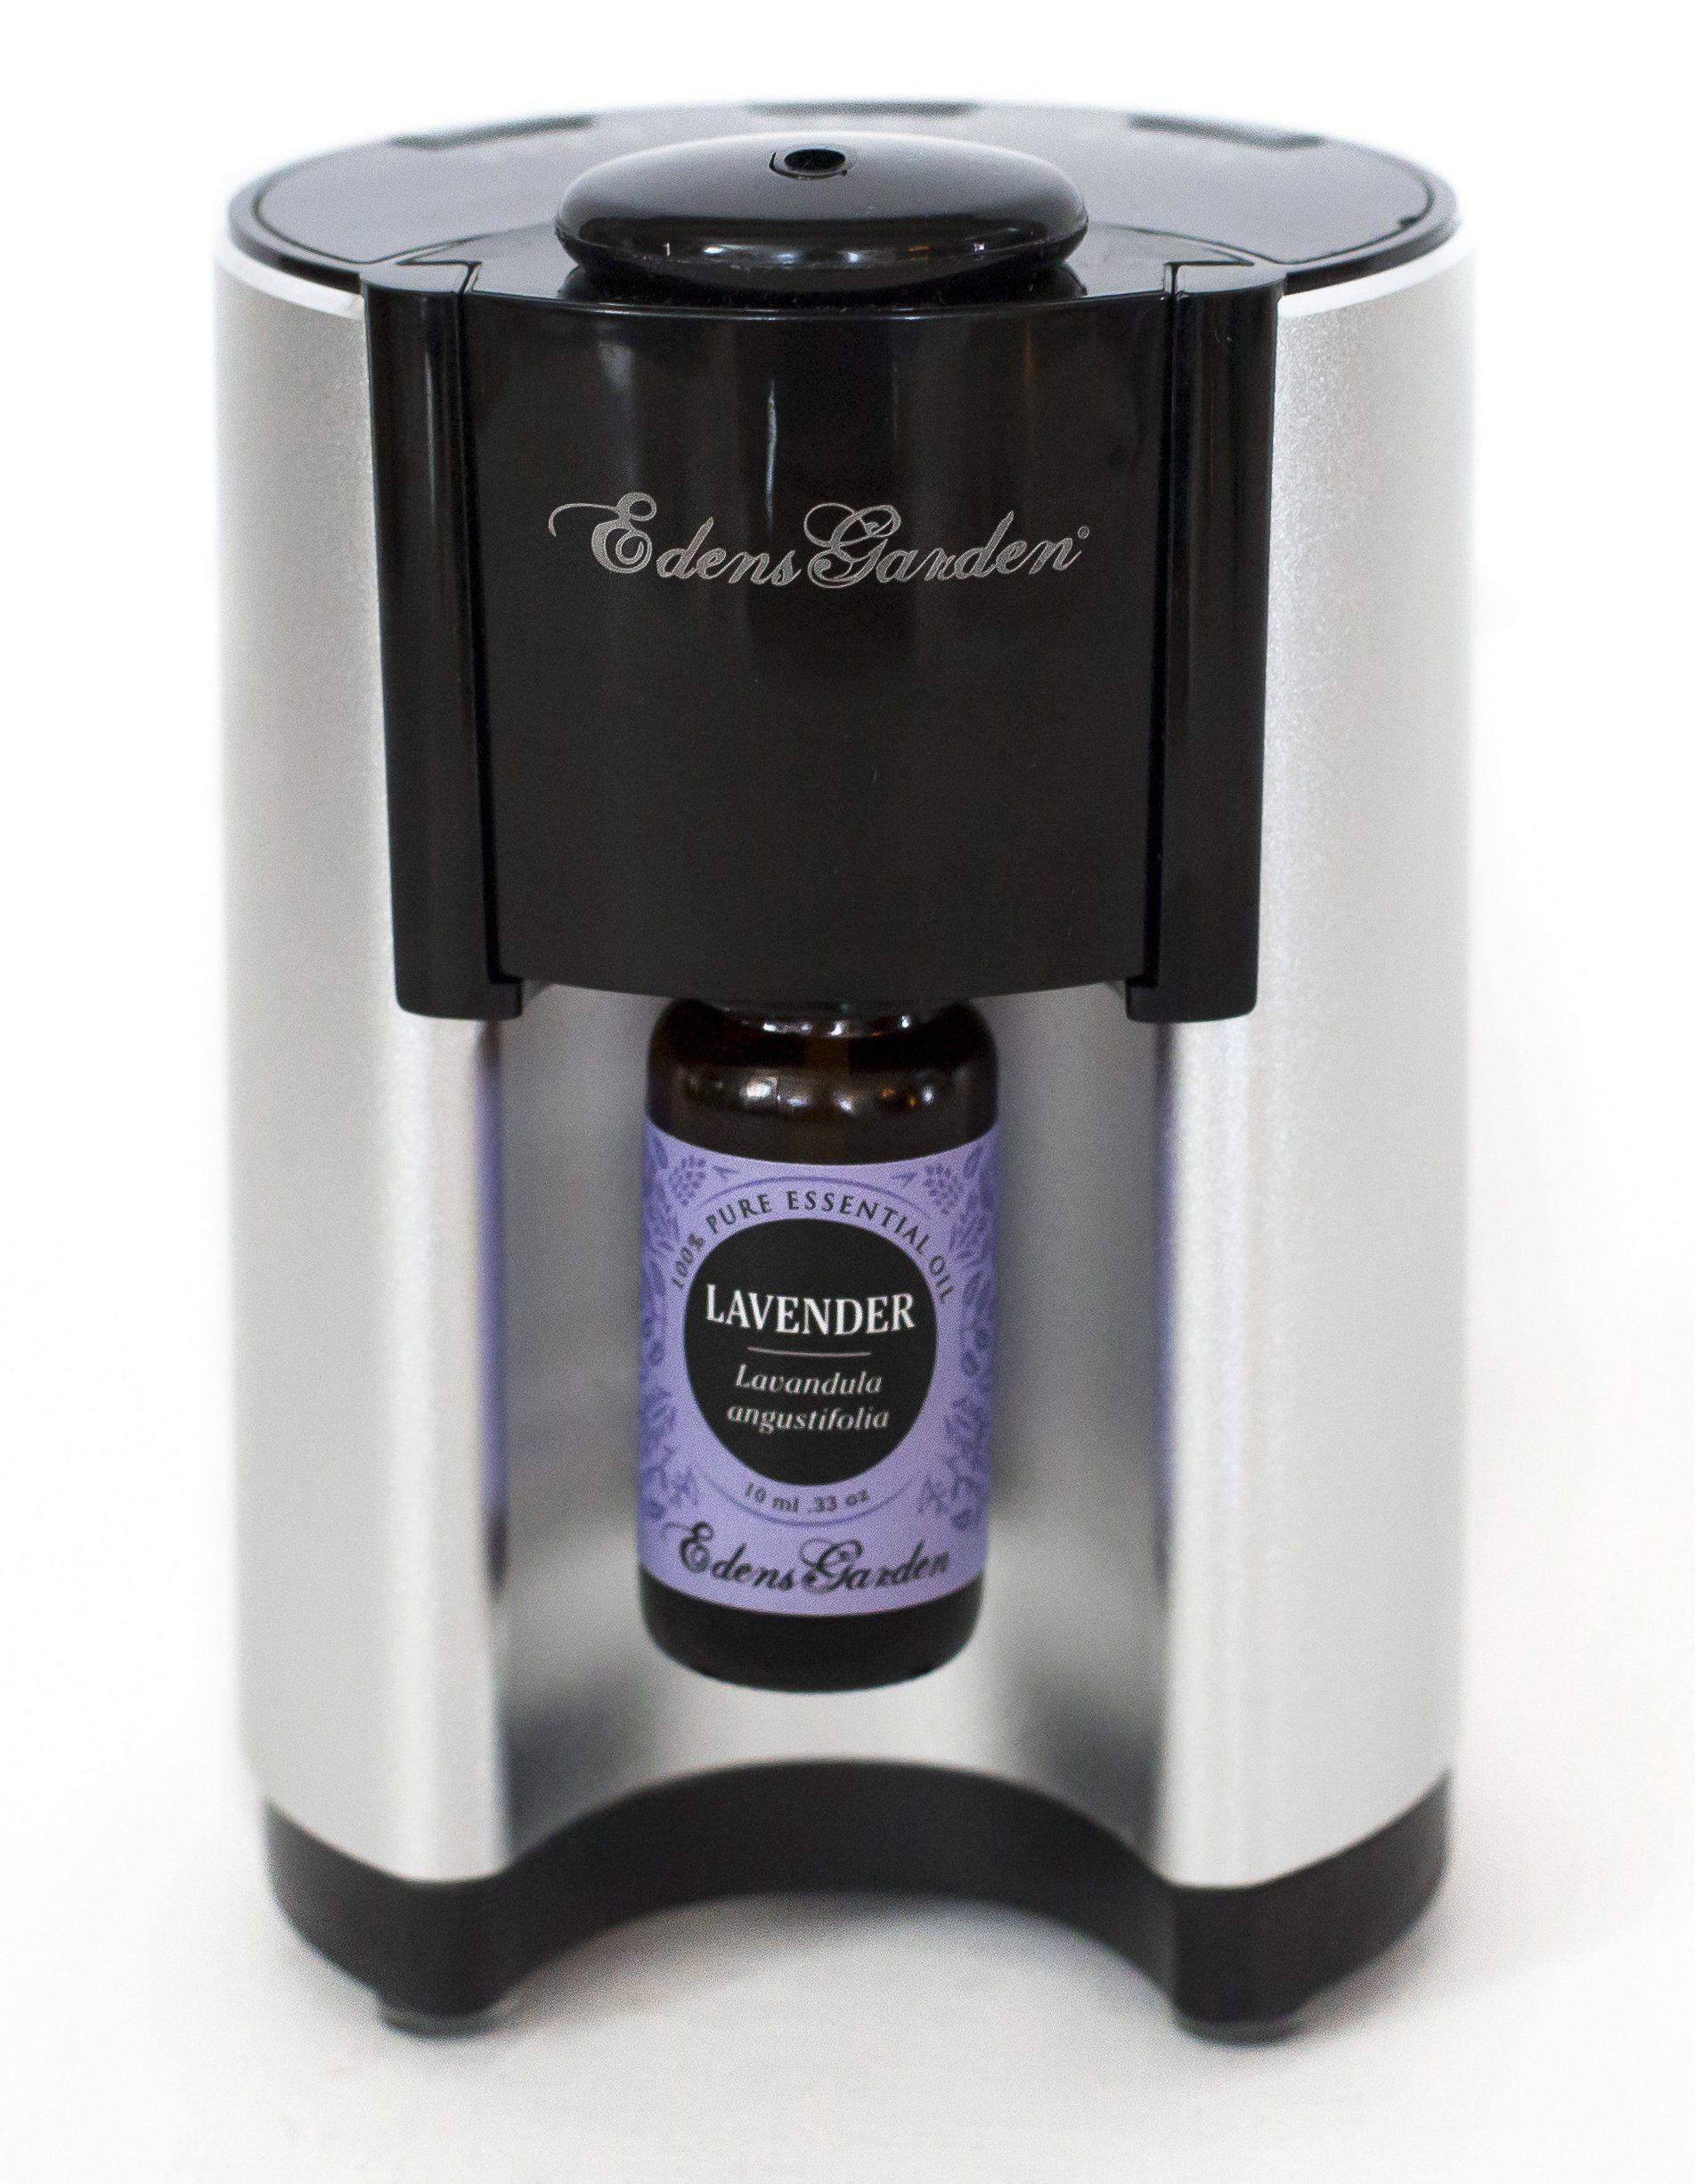 Thera Lux™ Nebulizer Diffuser Edens garden essential